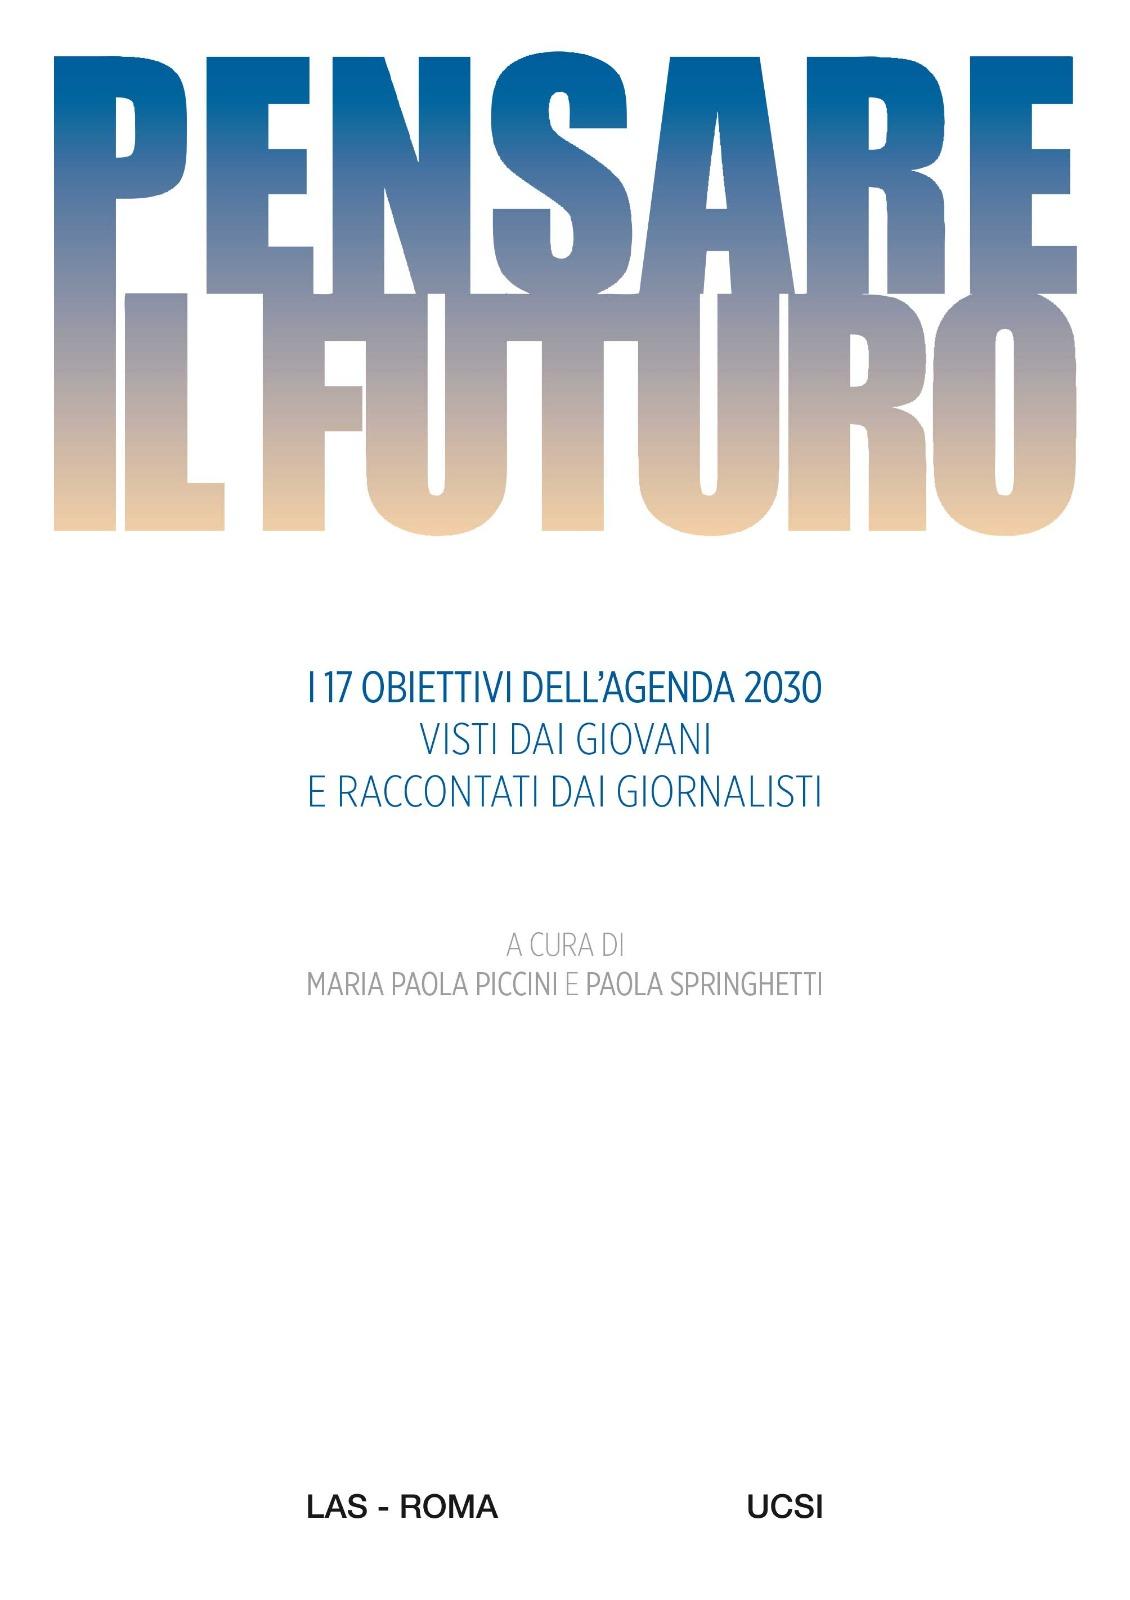 Pensare il futuro. I 17 obiettivi dell'Agenda visti dai giovani e raccontati dai giornalisti Una ricerca della Facoltà di Scienze della Comunicazione sociale dell' Università Pontificia salesiana in collaborazione con Ucsi